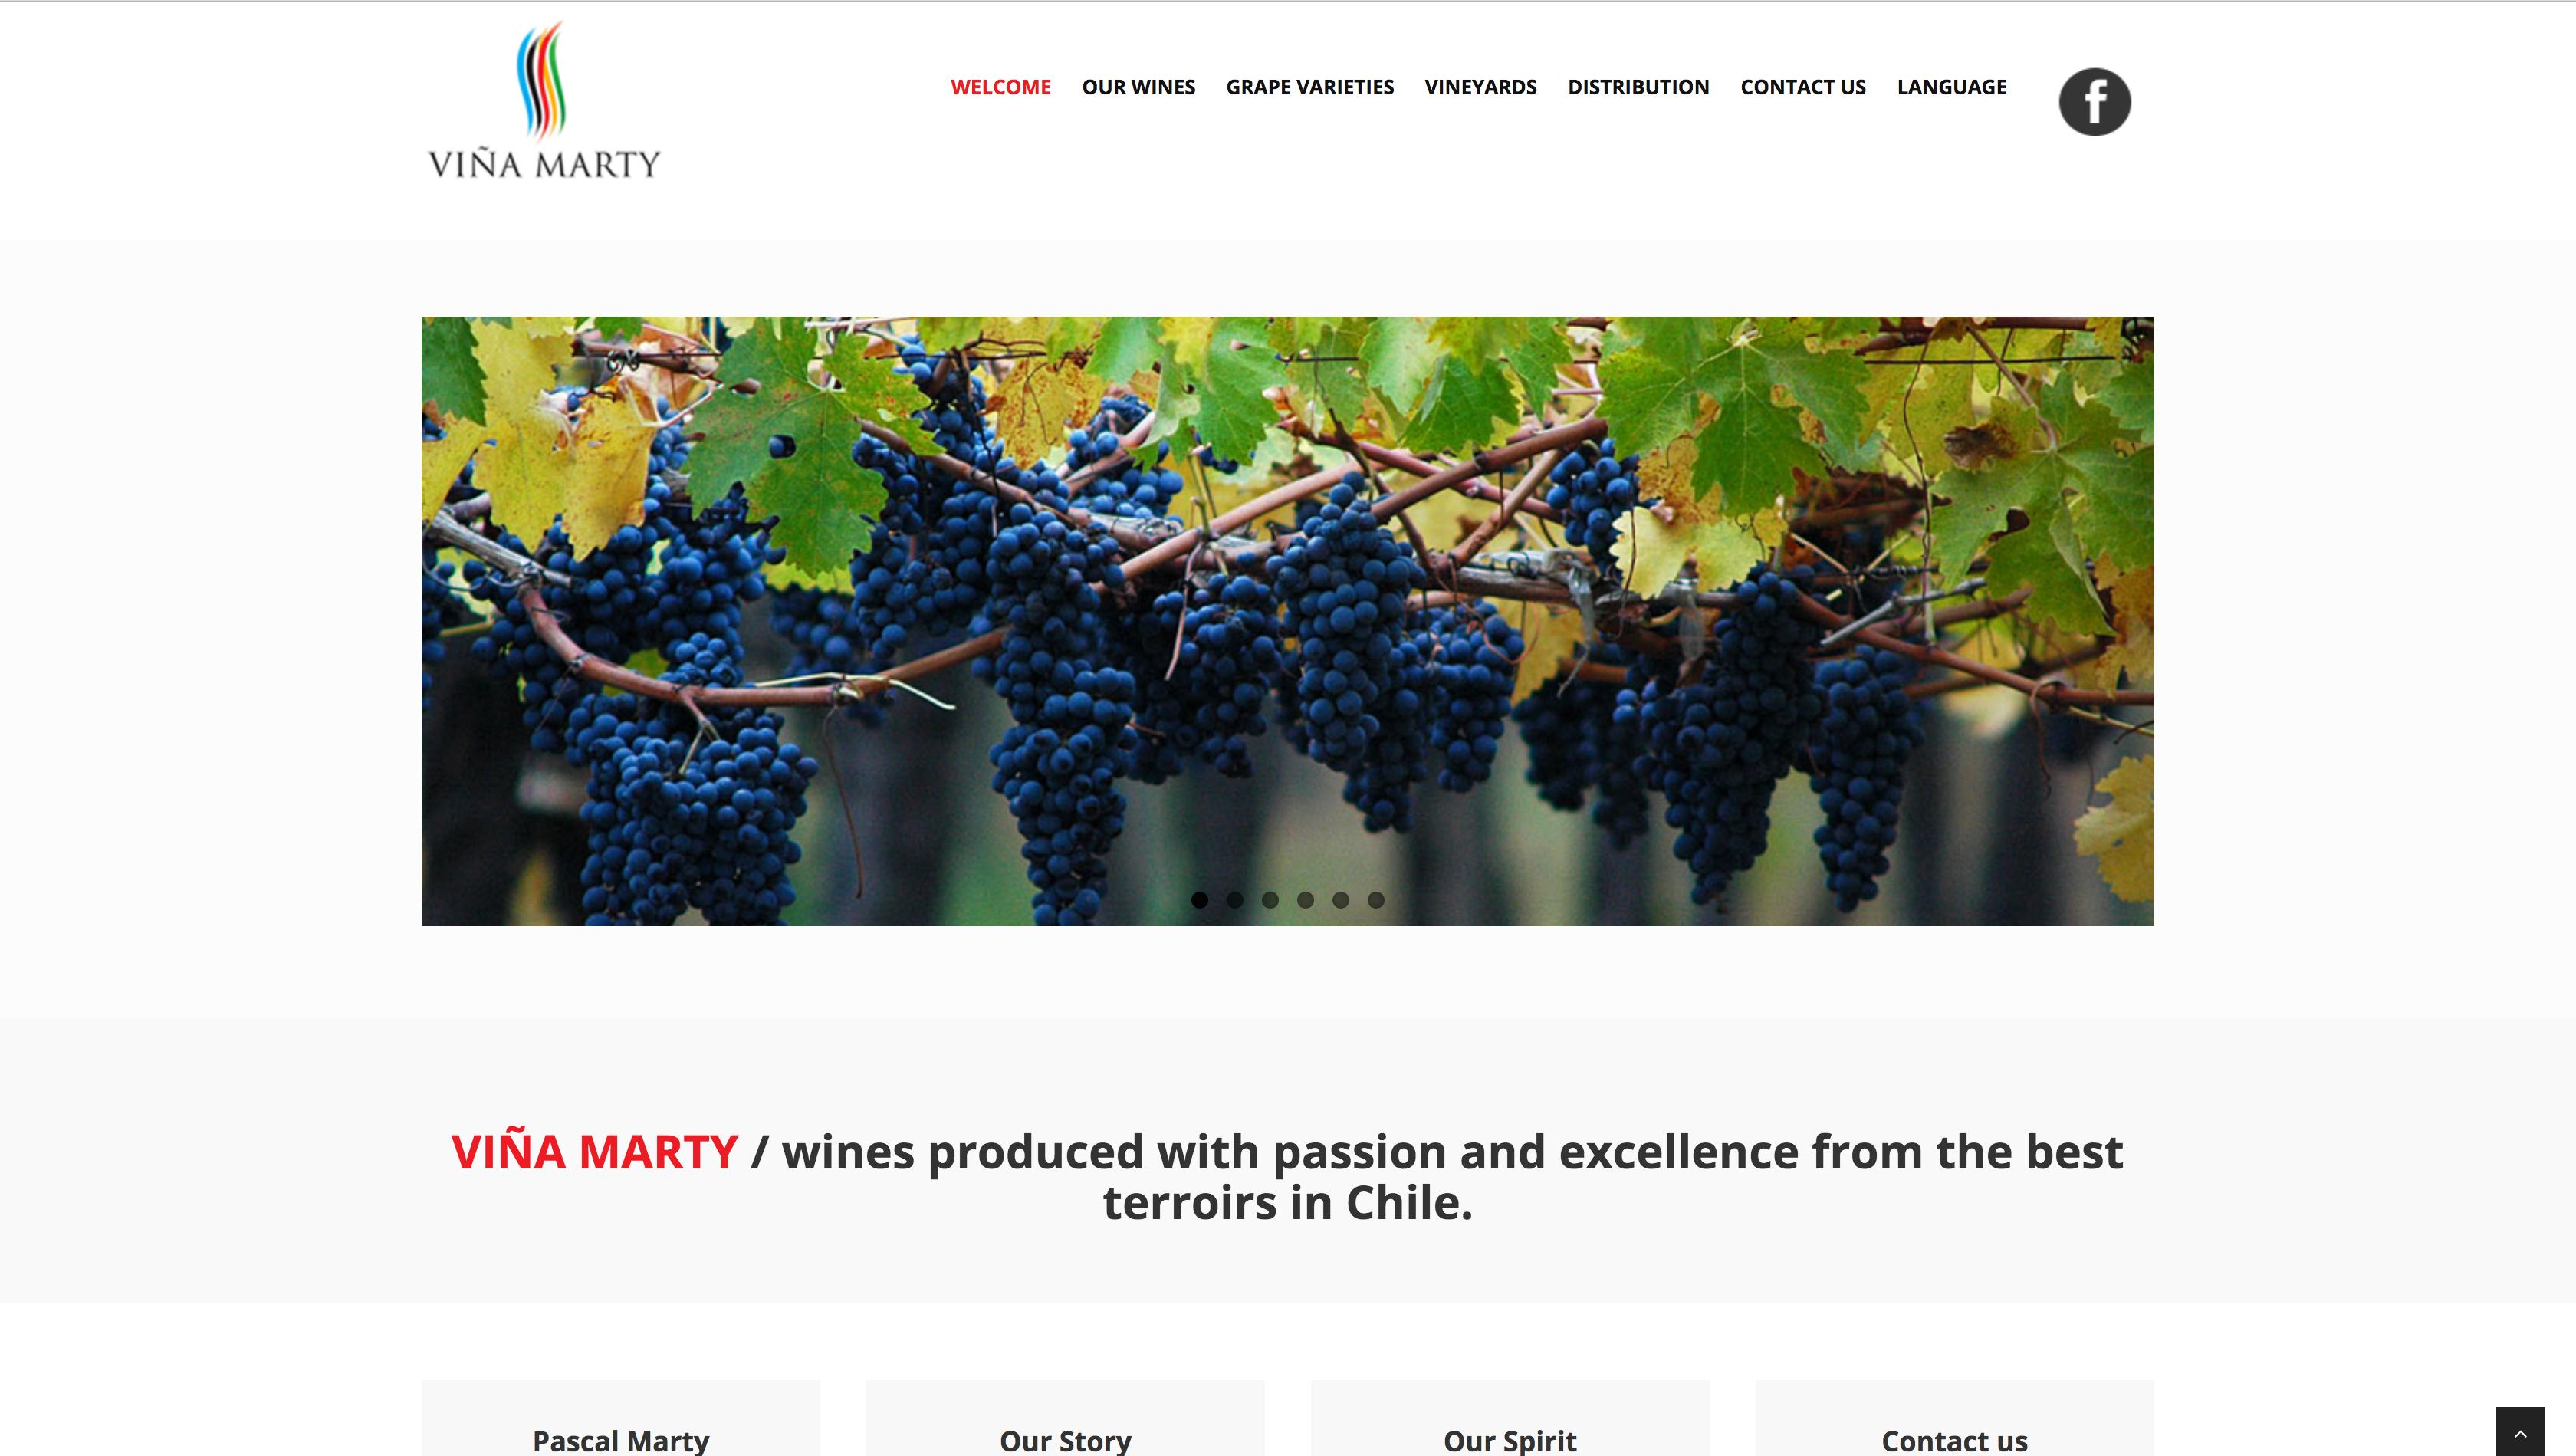 www.vinamarty.cl